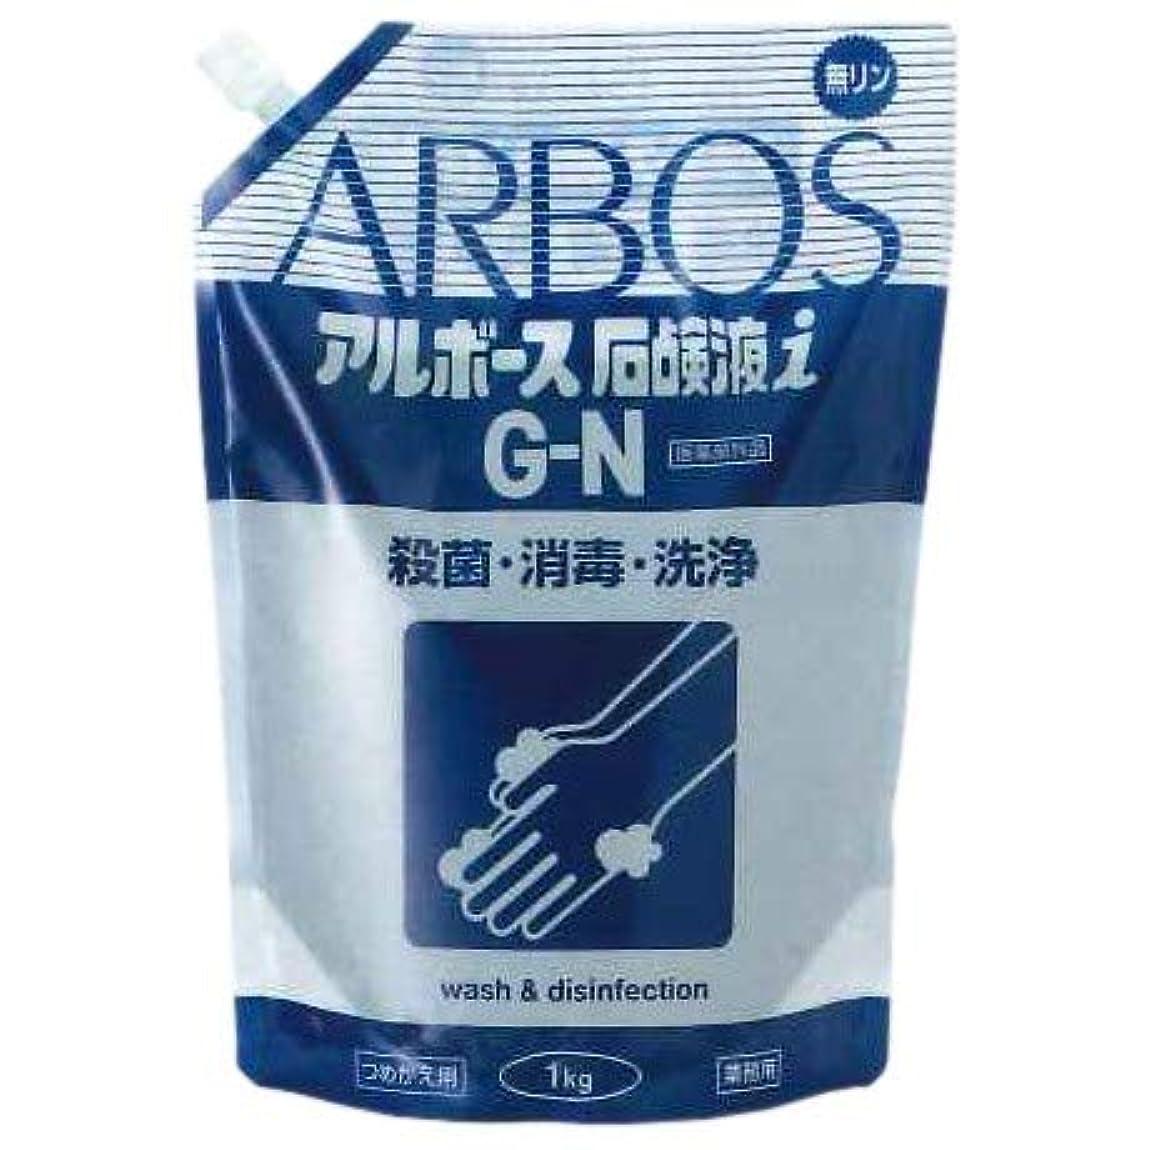 レインコート同様に計画的アルボース 薬用ハンドソープ アルボース石鹸液i G-N 濃縮タイプ 1kg×18袋